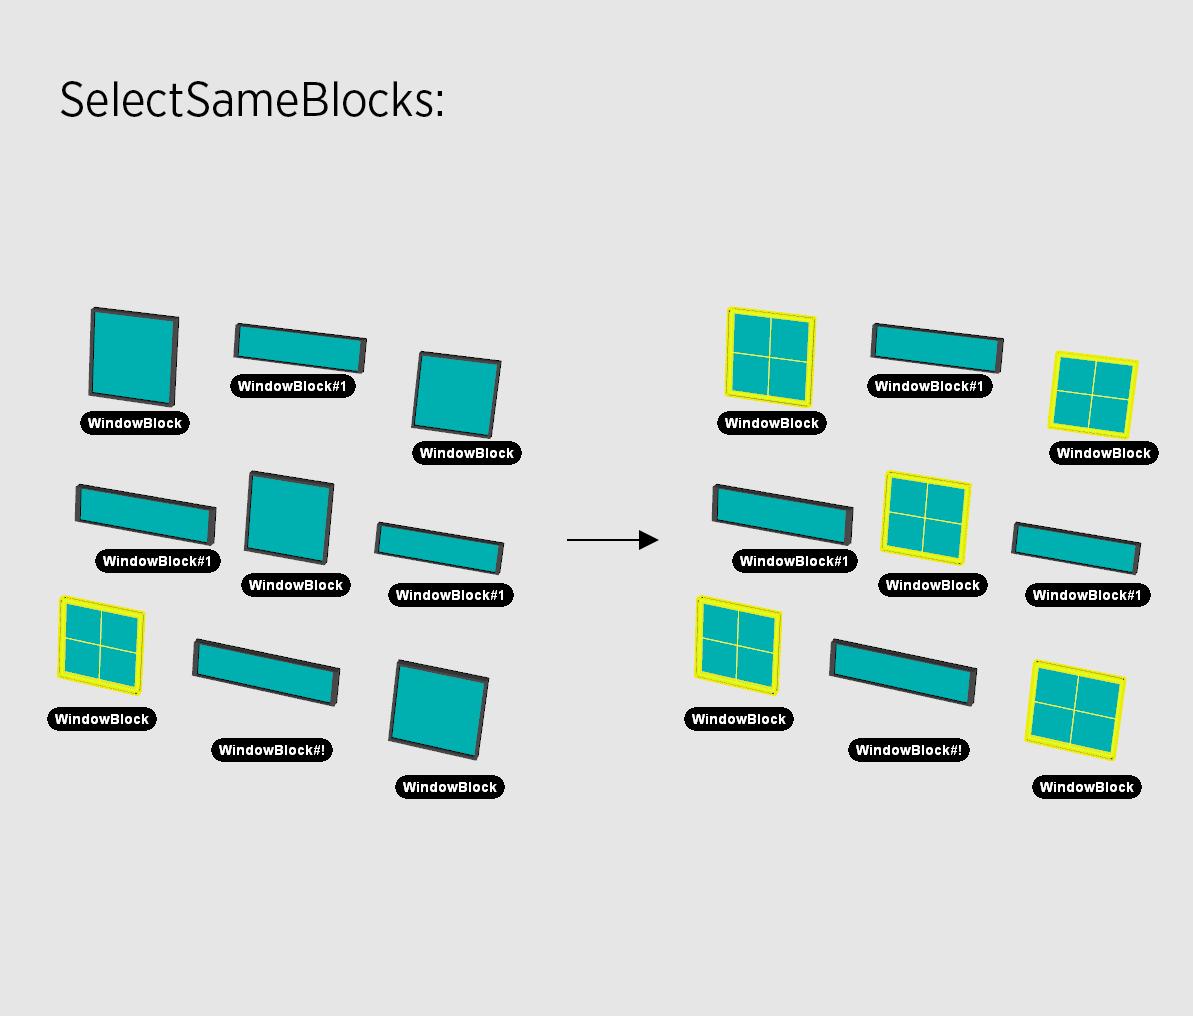 Example of SelectSameBlocks script